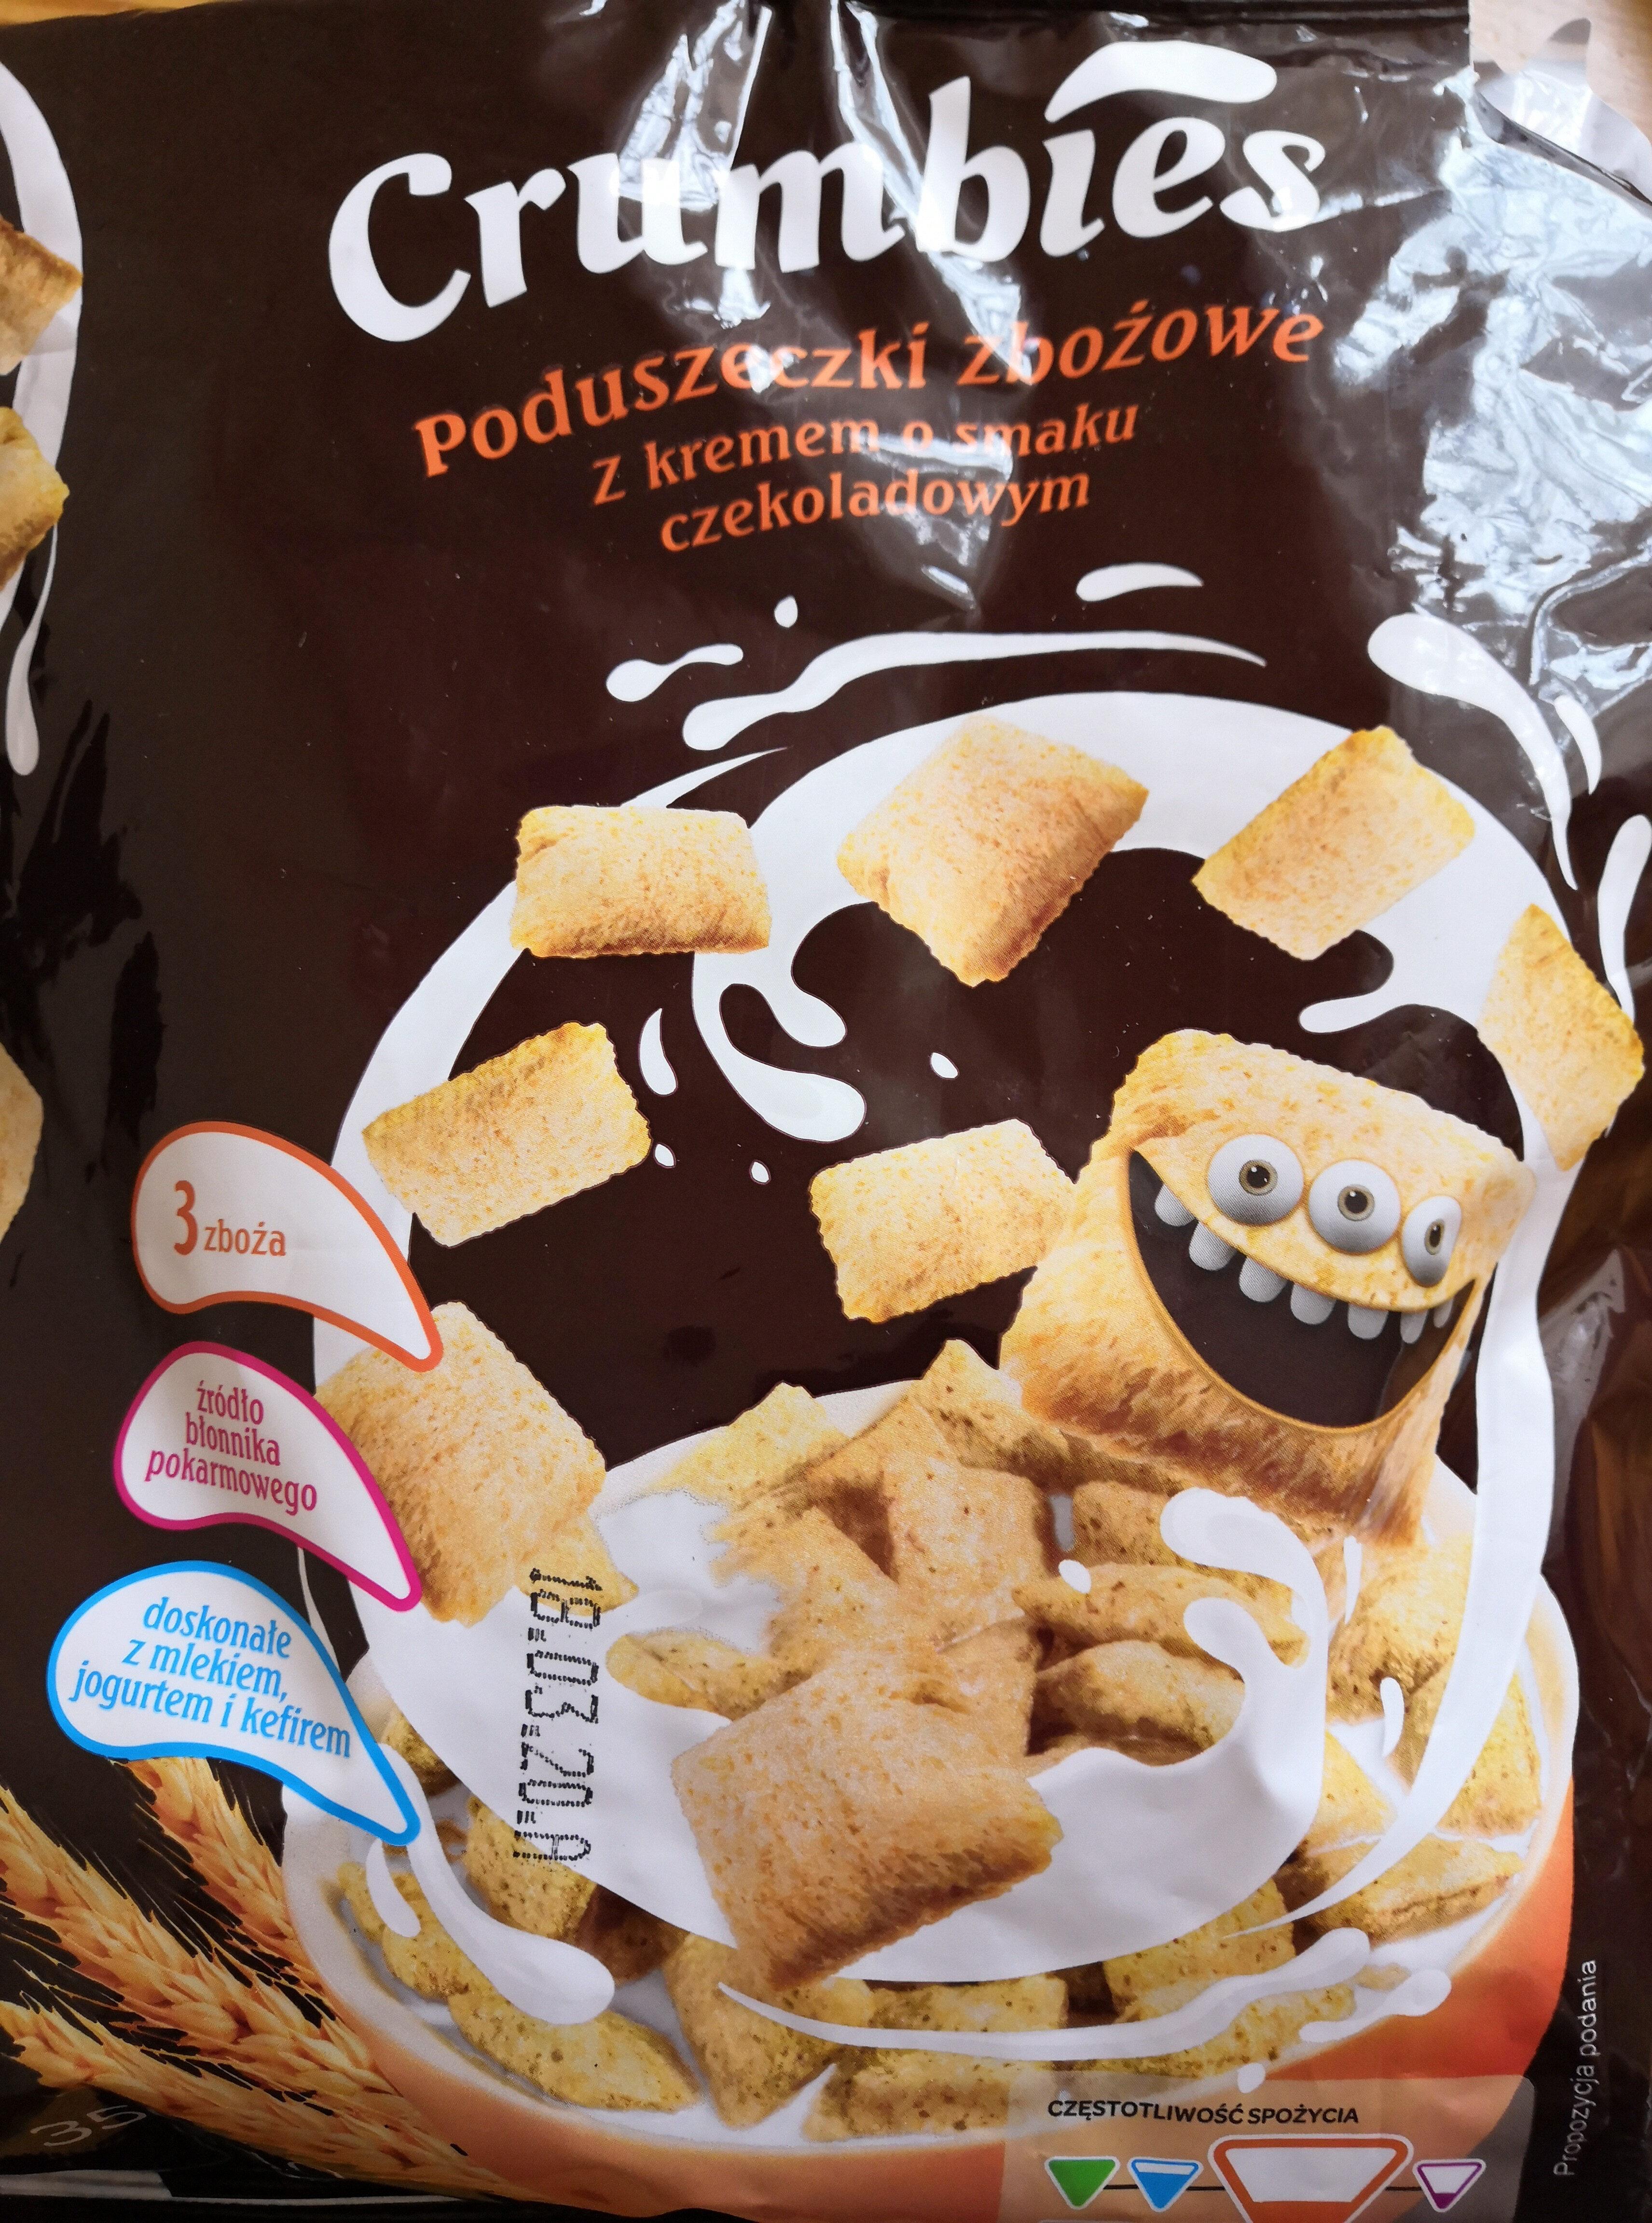 Poduszeczki zbożowe z kremem o smaku czekoladowym - Produkt - pl